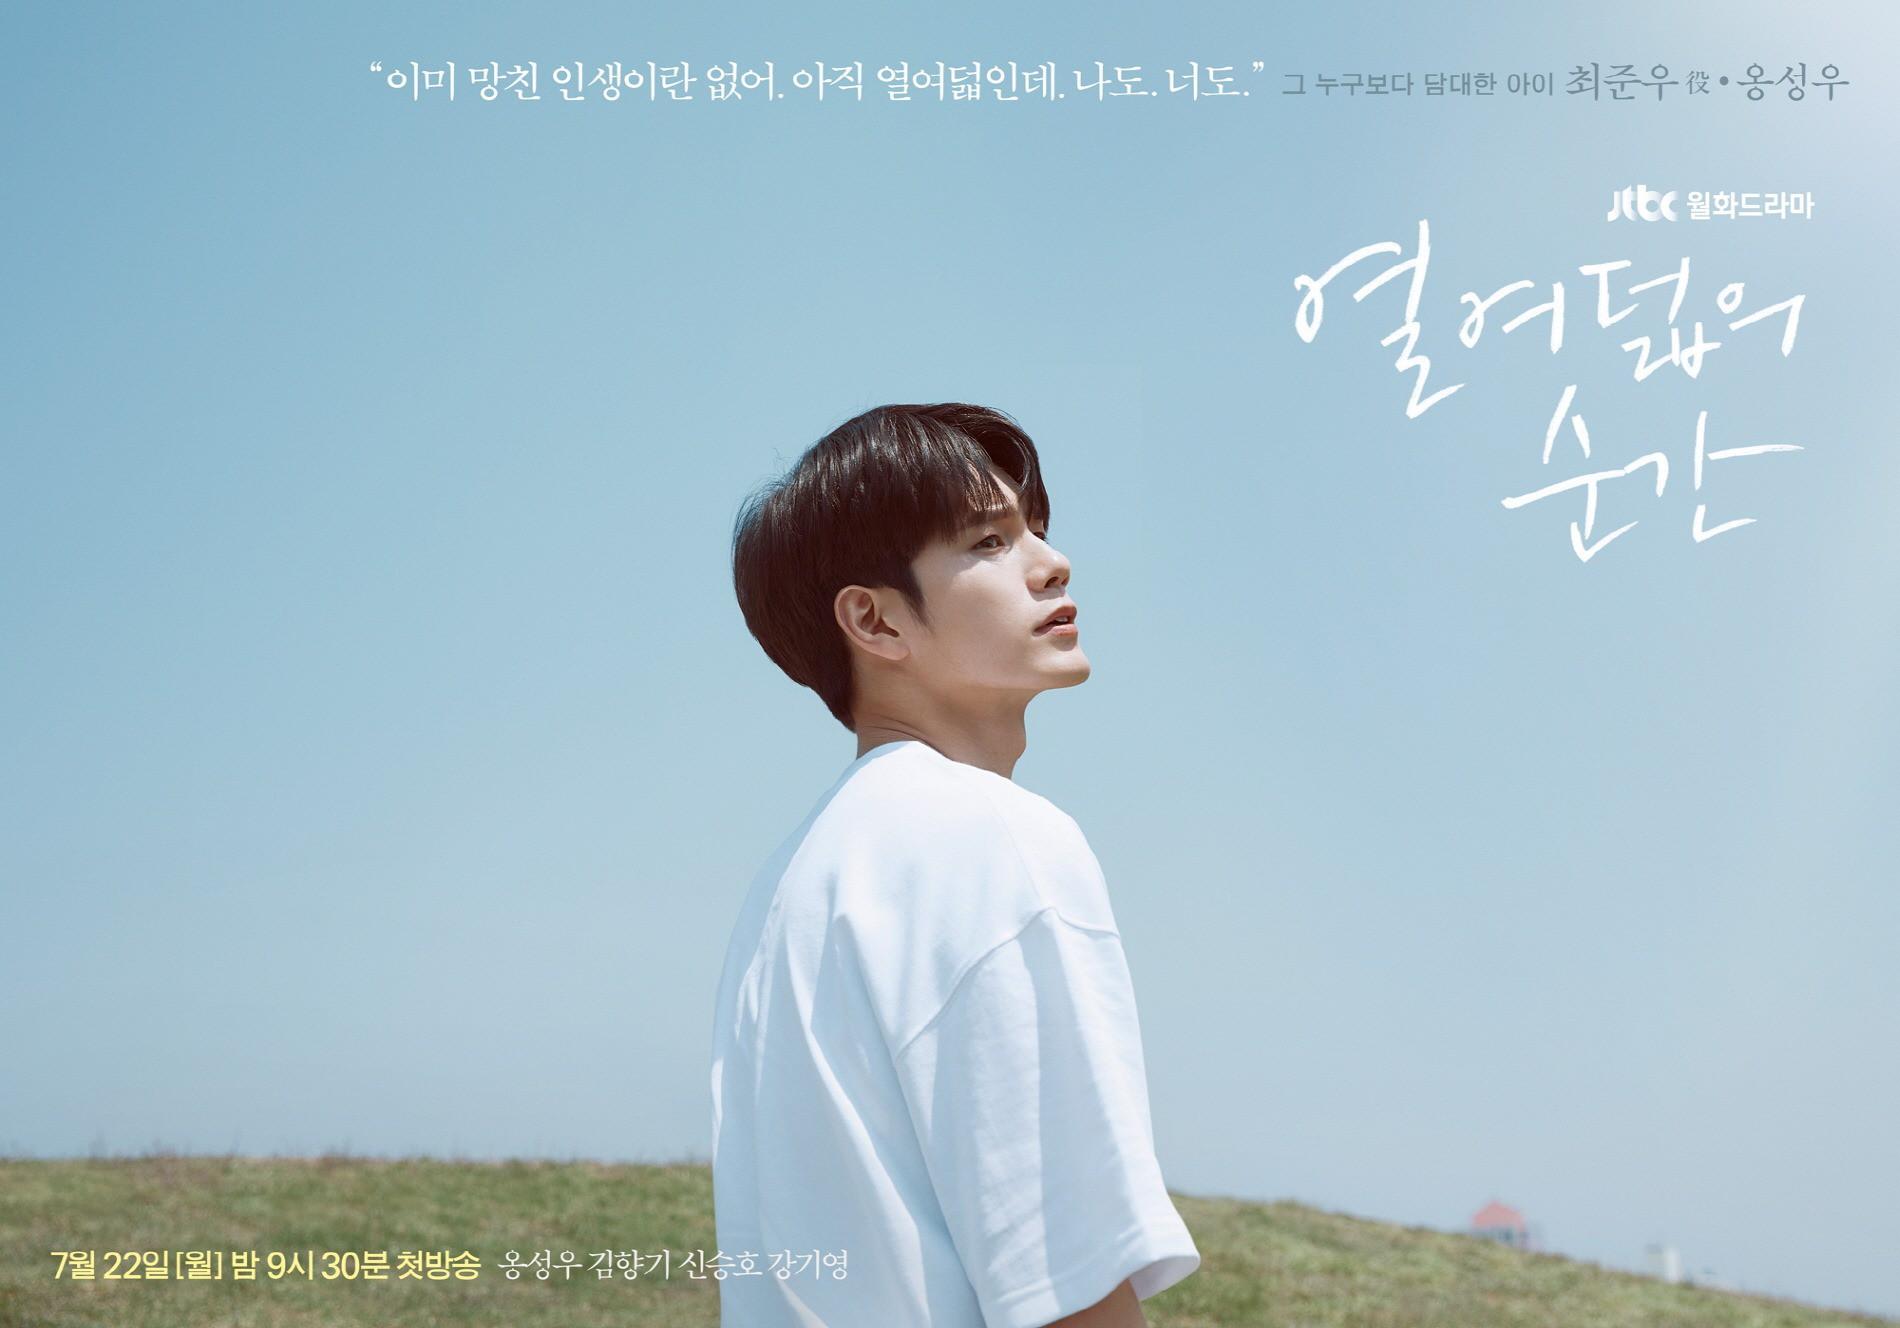 BXH diễn viên đang hot: Có bom tấn 700 tỉ, Song Joong Ki vẫn thua đậm trước đàn em mới vào nghề Ong Seung Woo? - Ảnh 1.